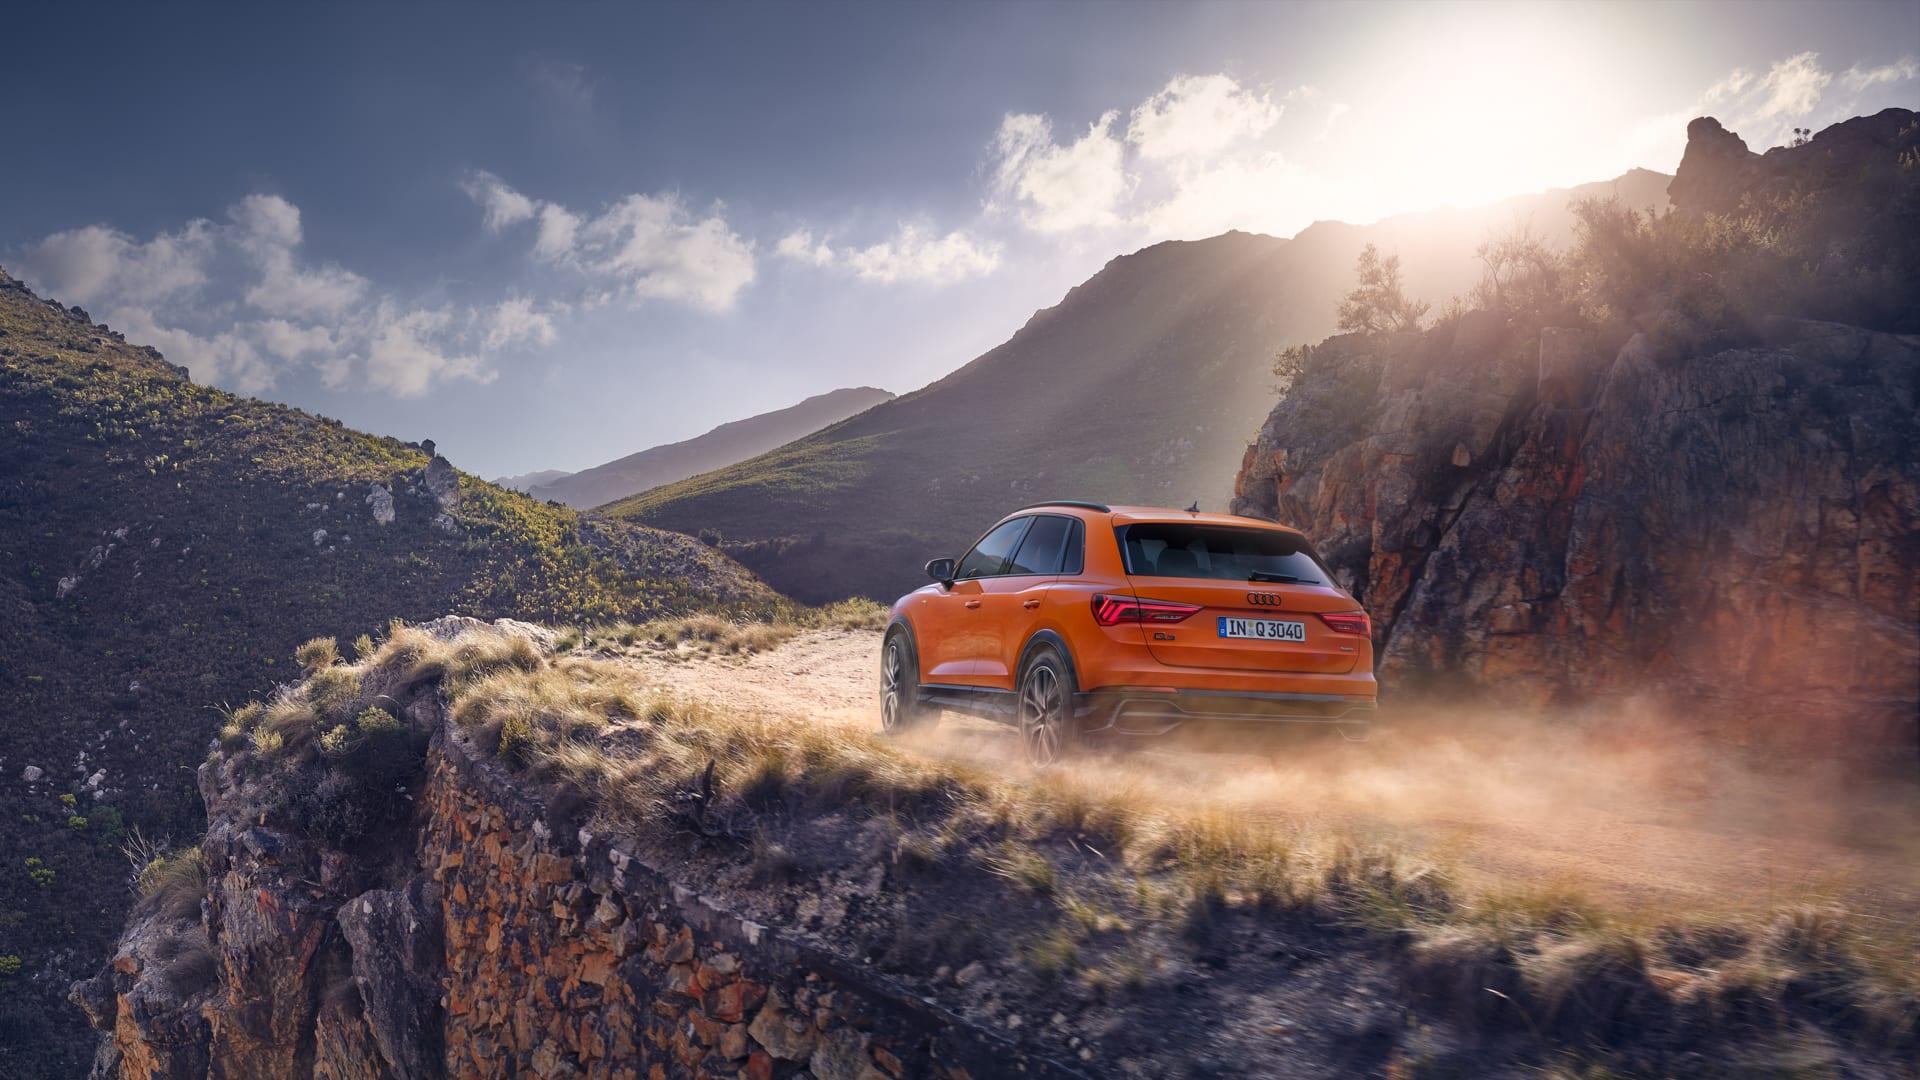 La dinamica di guida della nuova Audi Q3